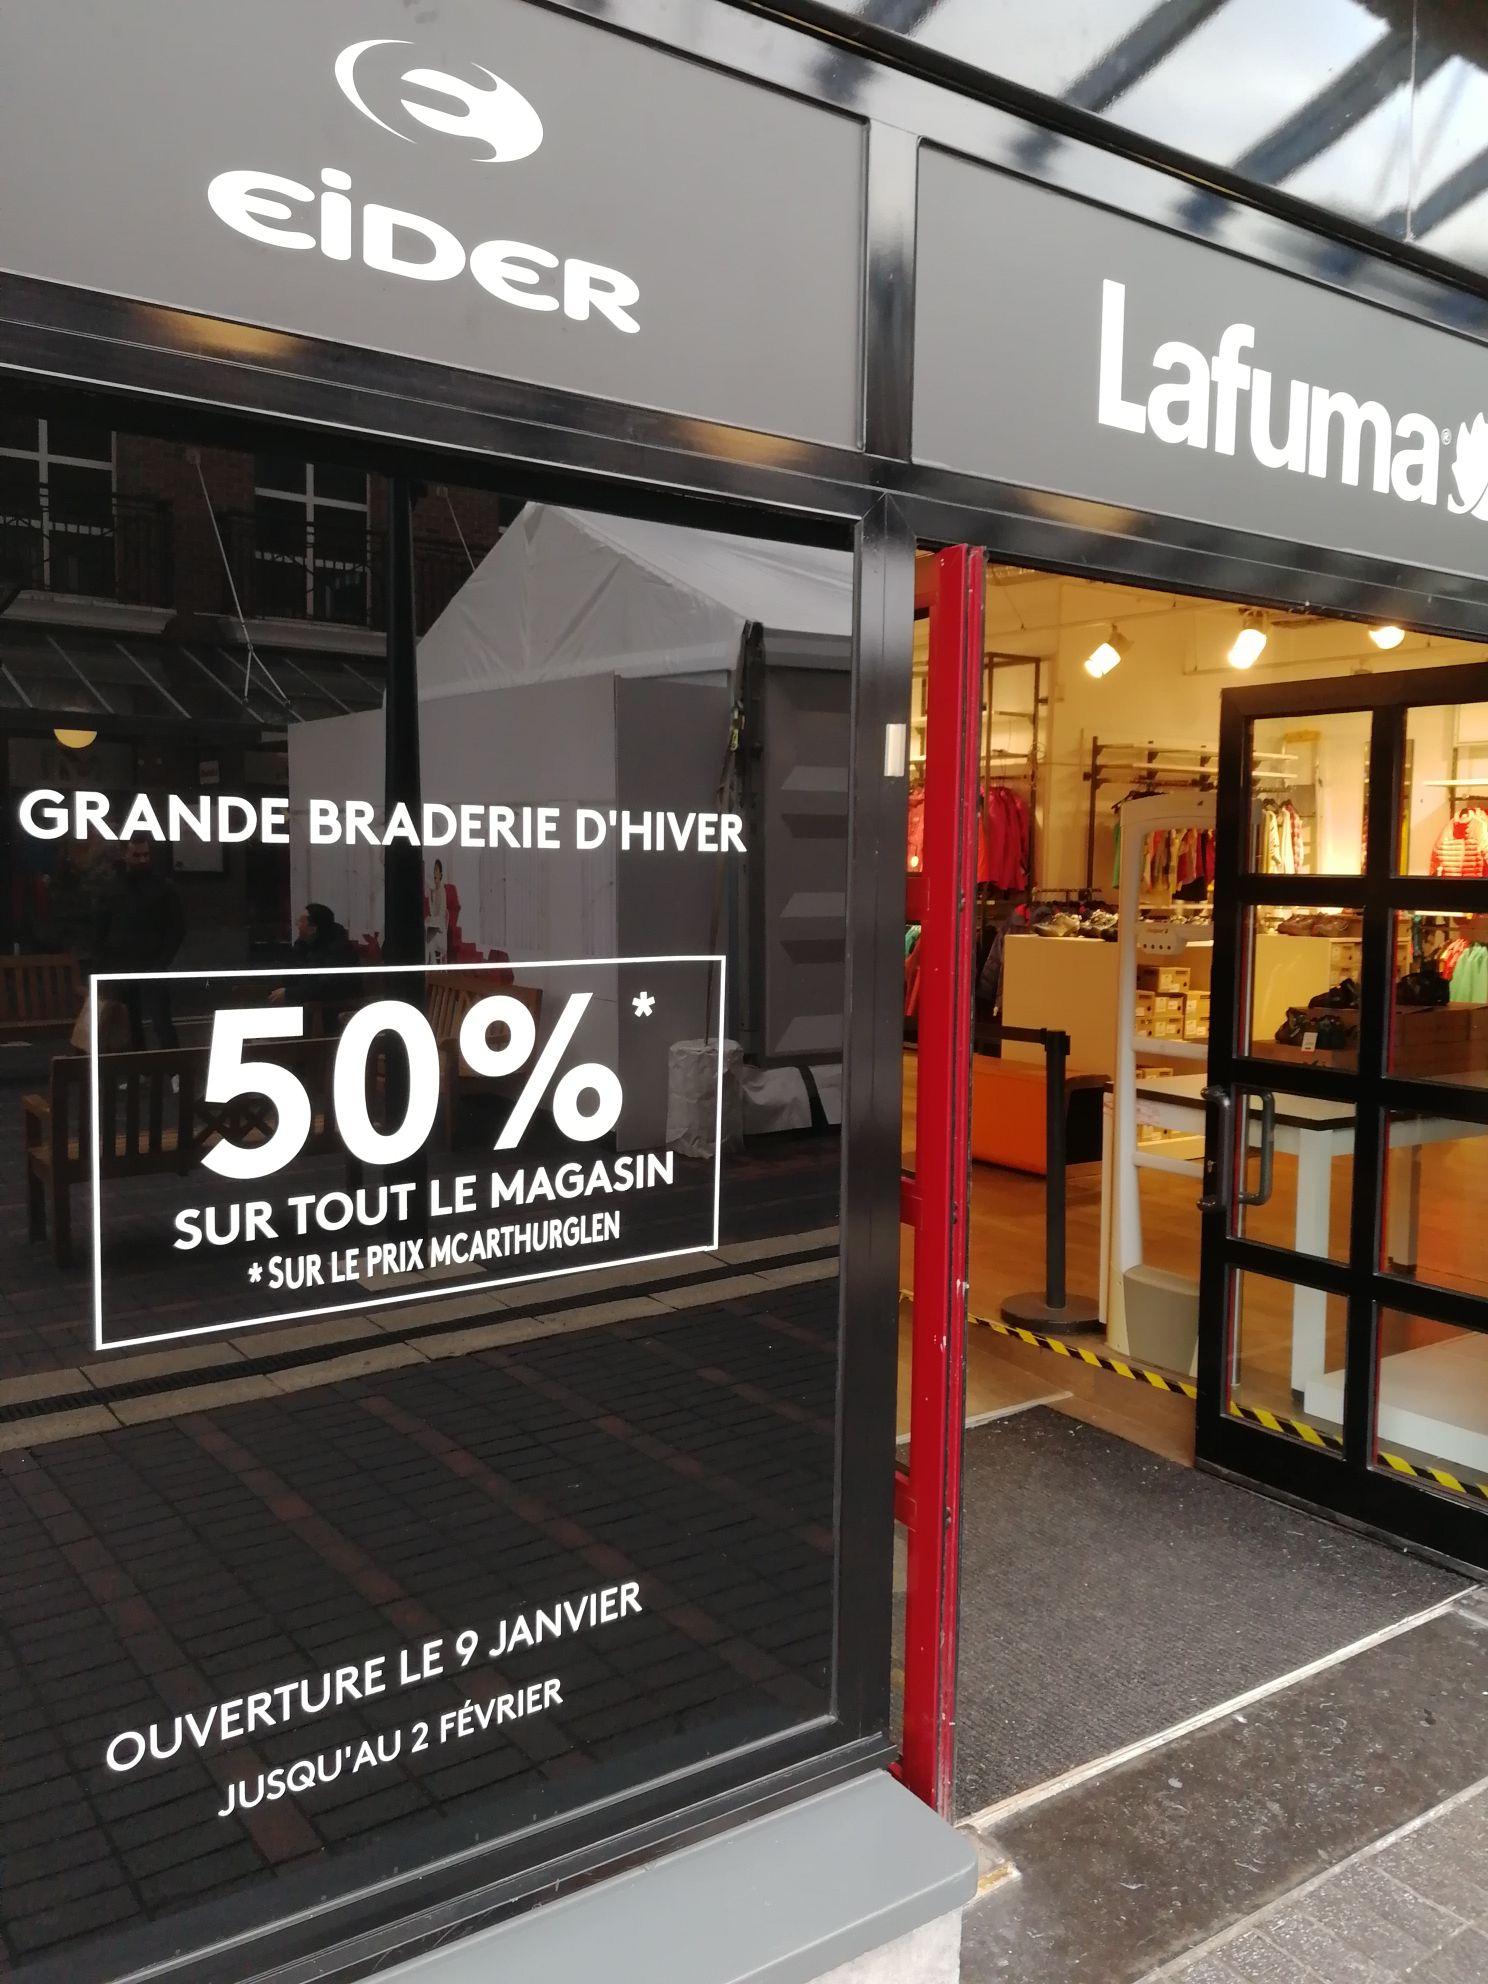 50% de réduction sur tout le magasin - Roubaix (59)